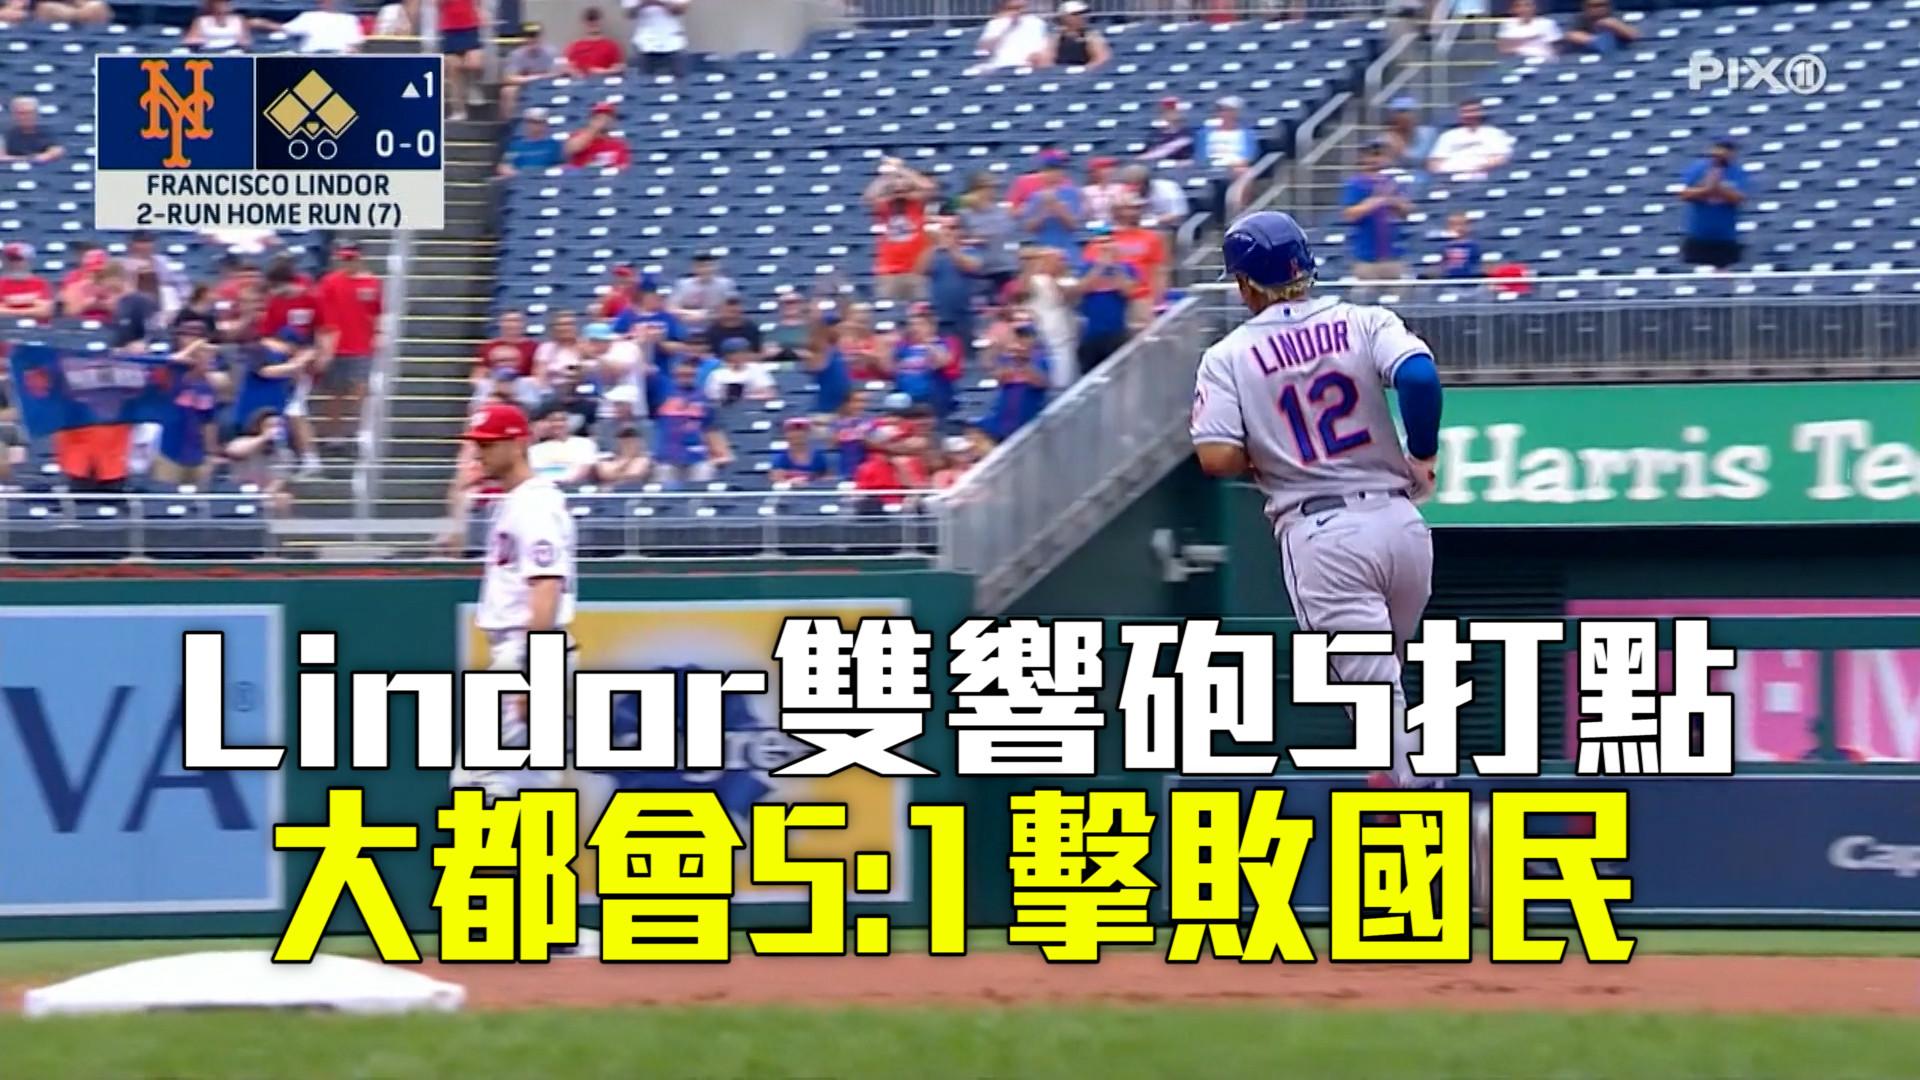 【MLB看愛爾達】林多雙響砲5分打點 大都會5:1勝國民 06/20